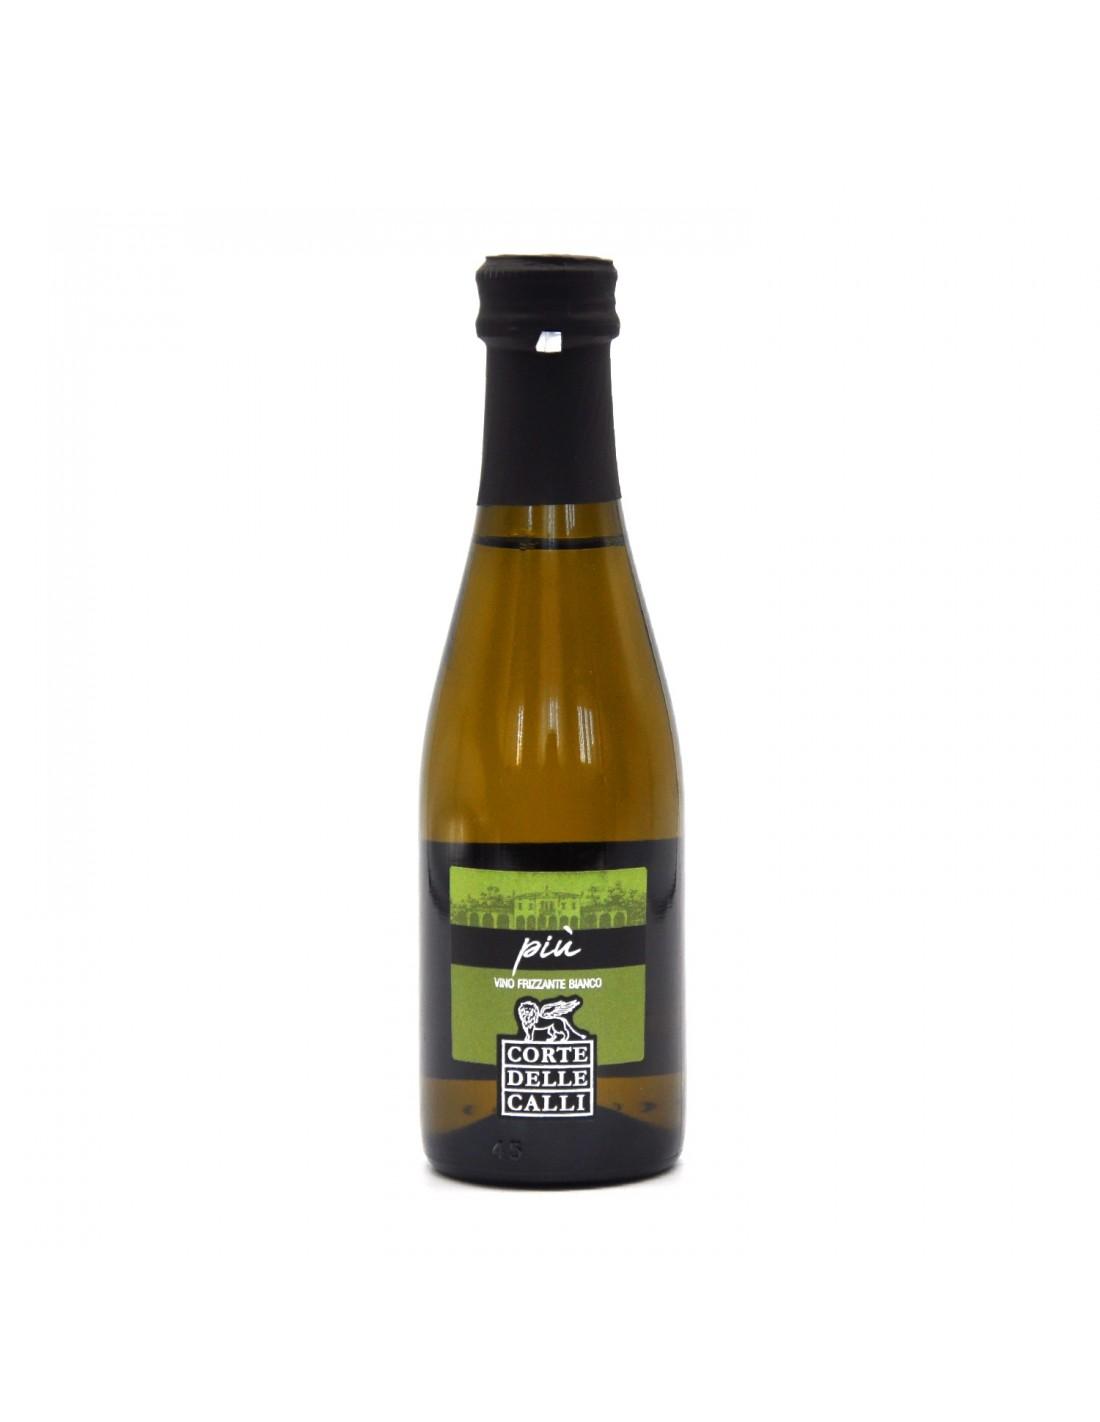 Vin alb frizzante, Corte Delle Calli Piu Conegliano, 10.5% alc., 0.2L, Italia